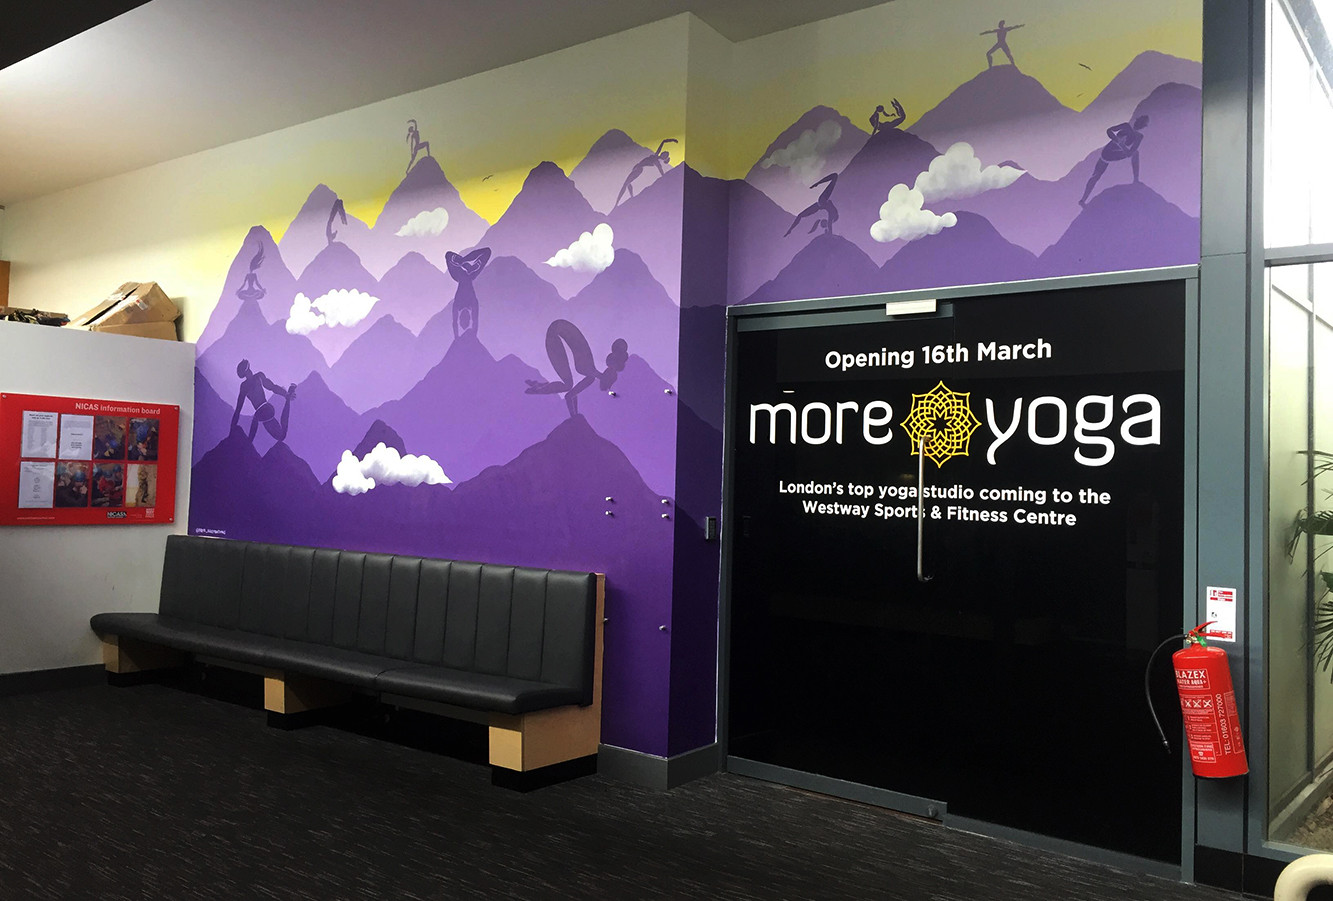 Climbing yoga studio mural artwork